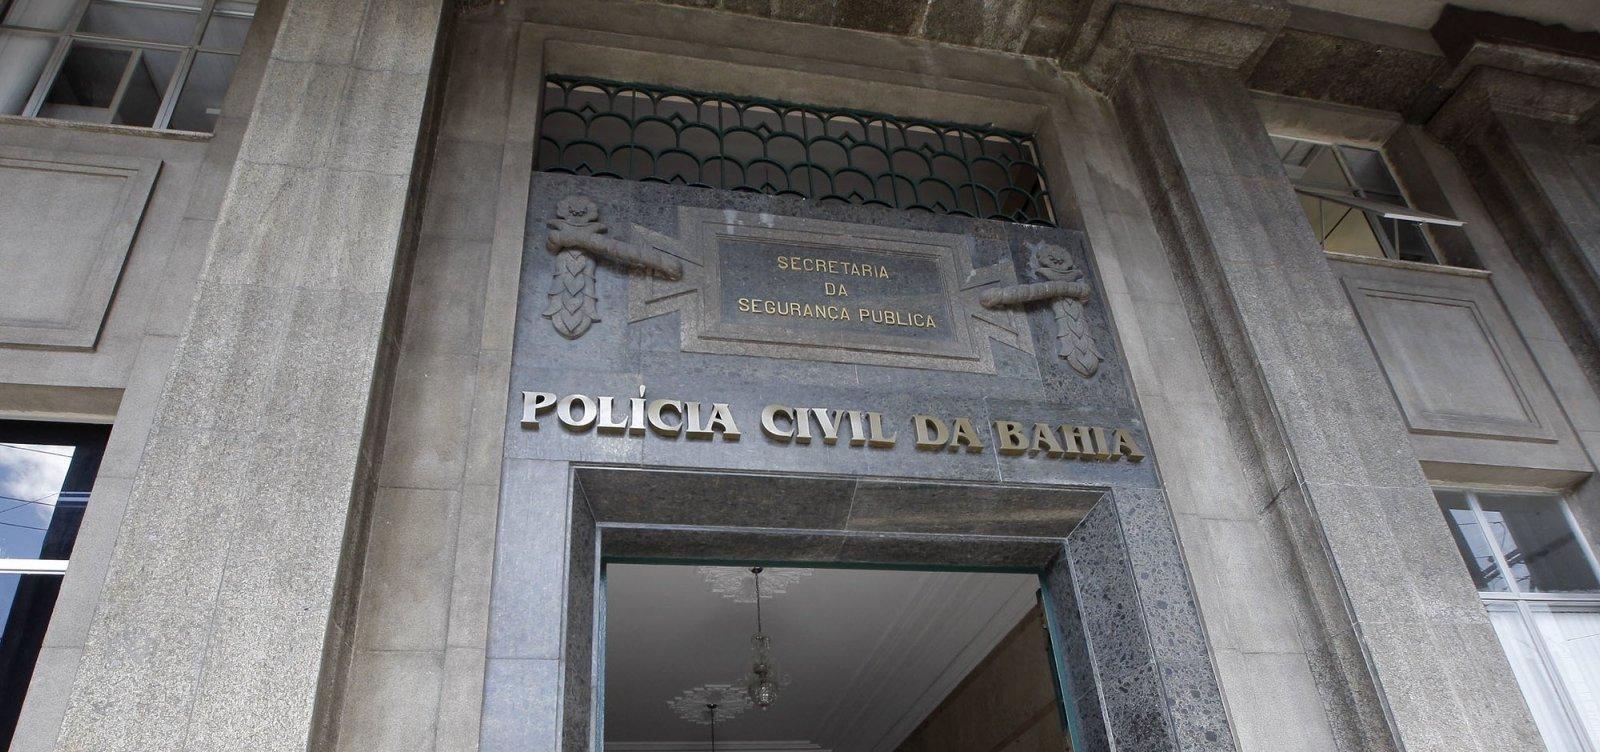 [Mulher investigada em mais de 30 casos de estelionato é presa no bairro da Barra]